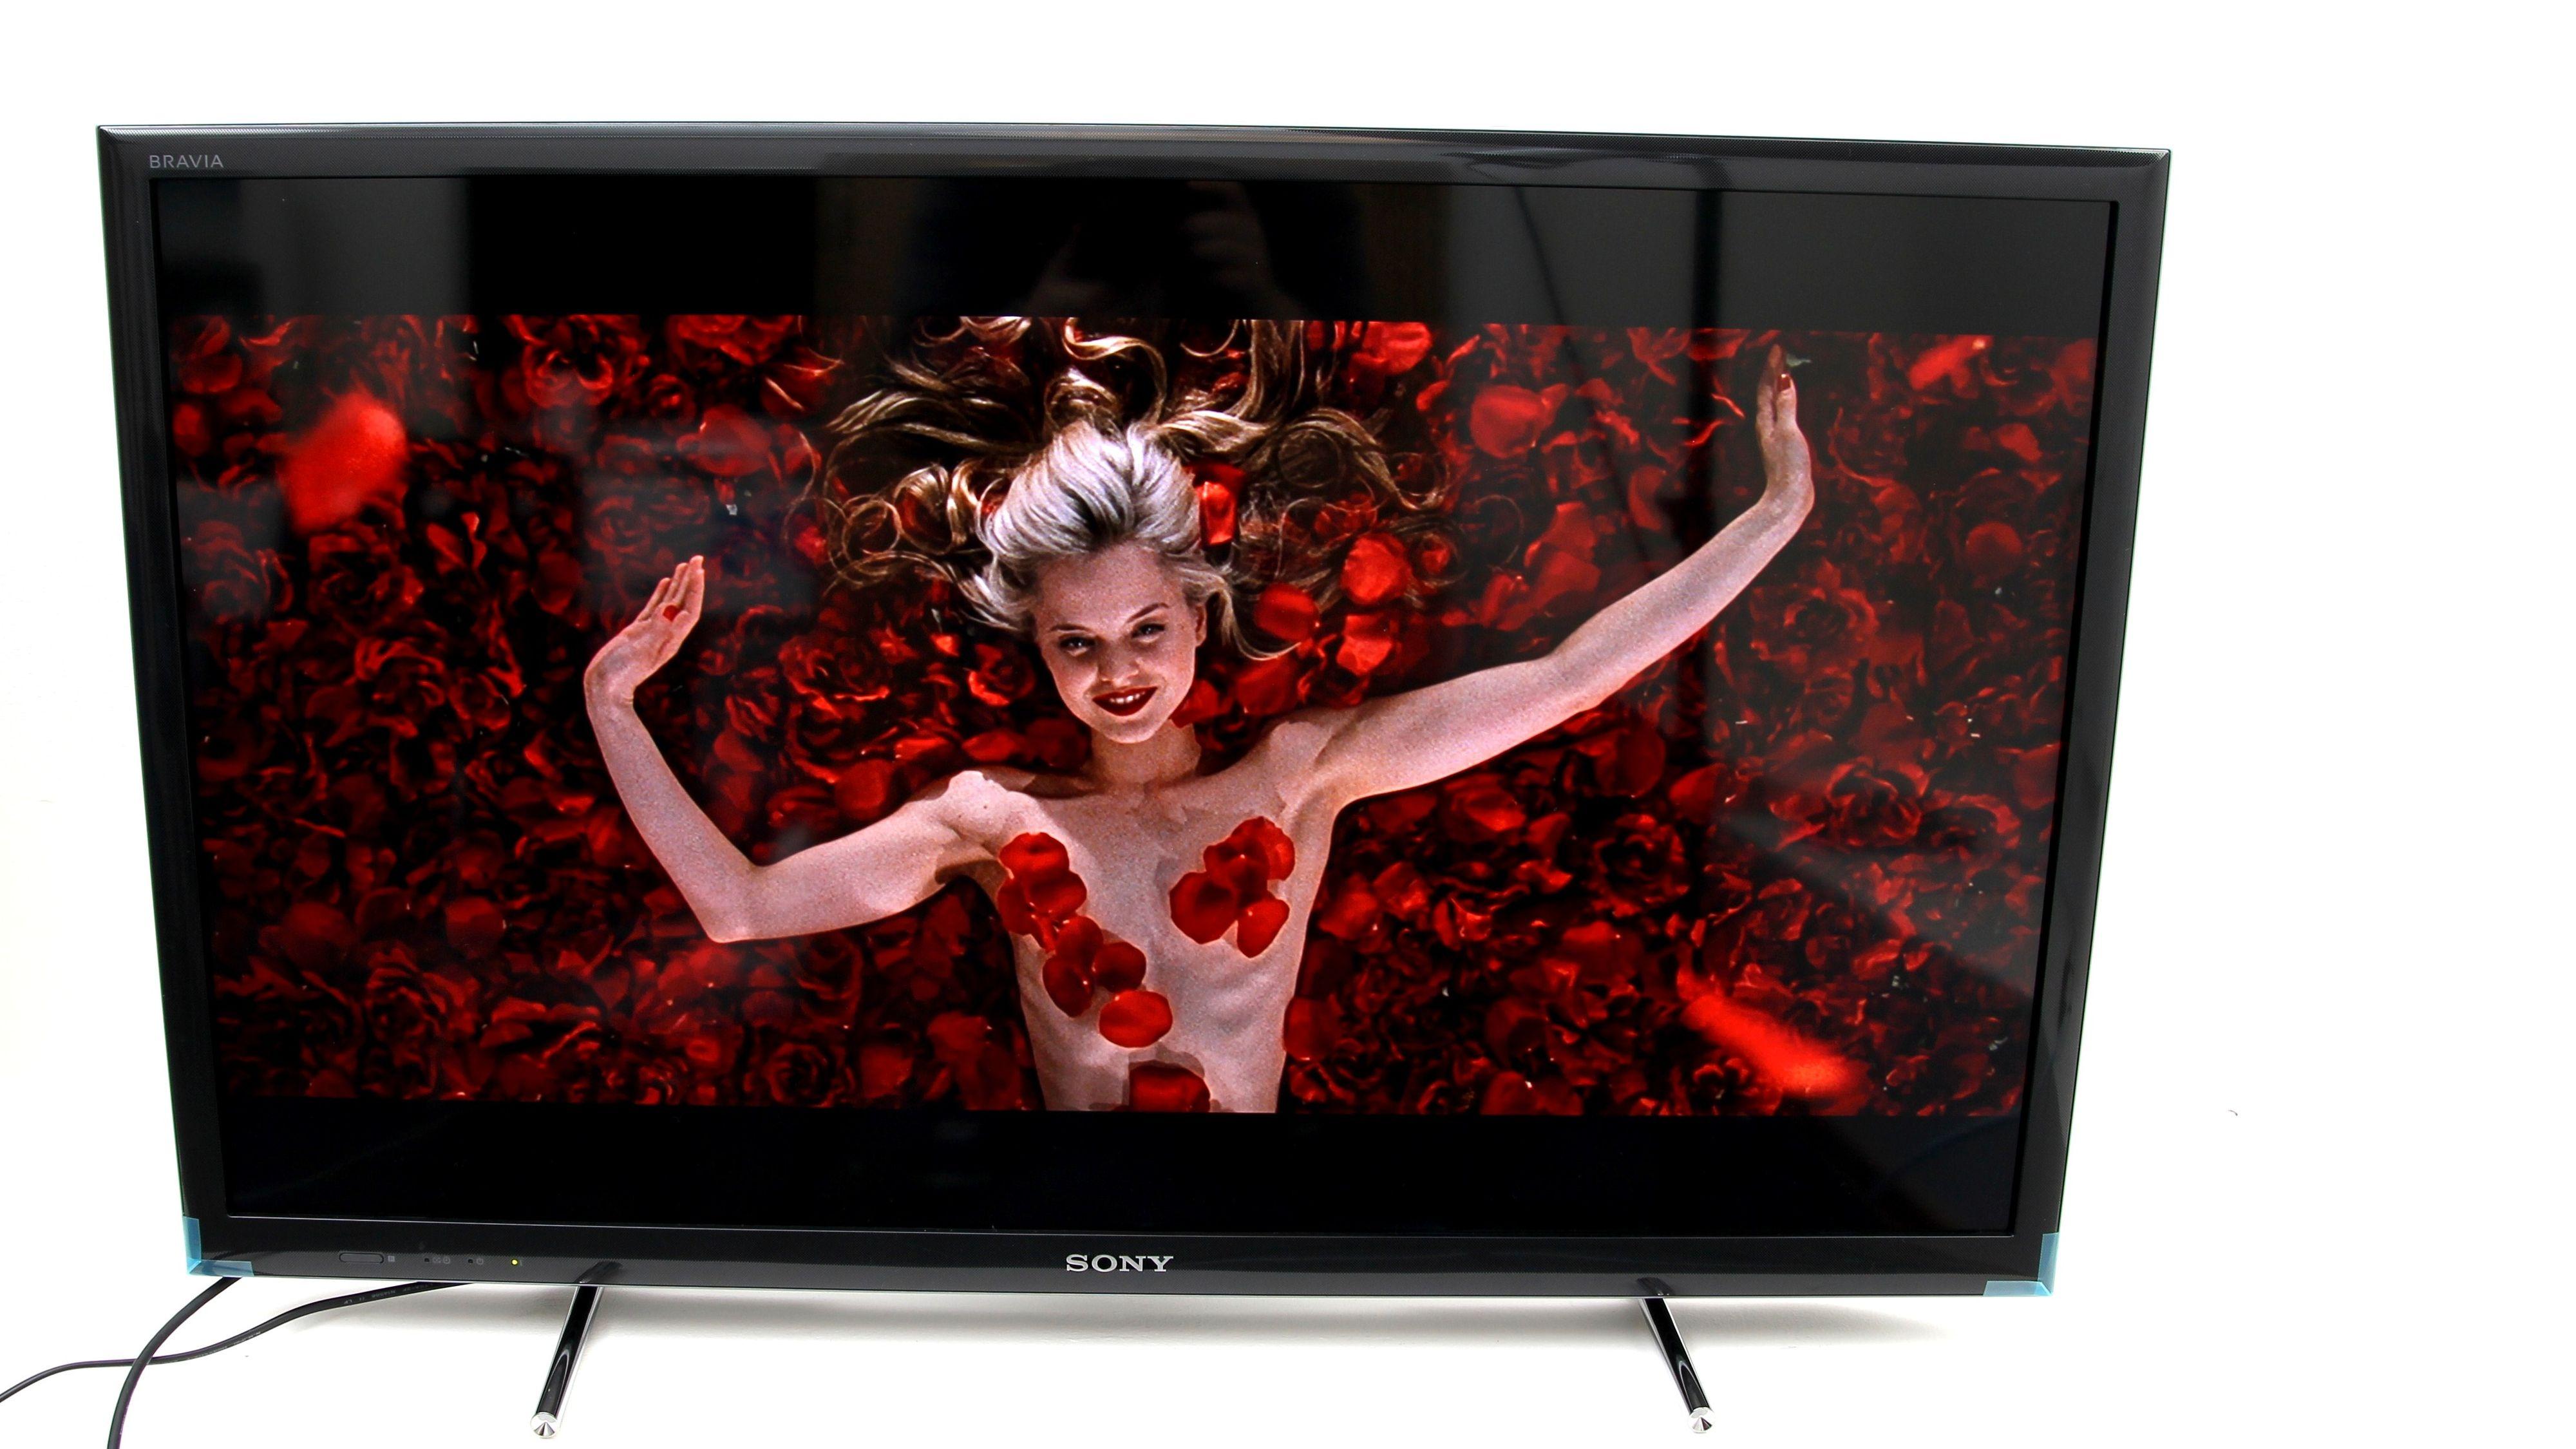 Sony Bravia KDL-40EX653